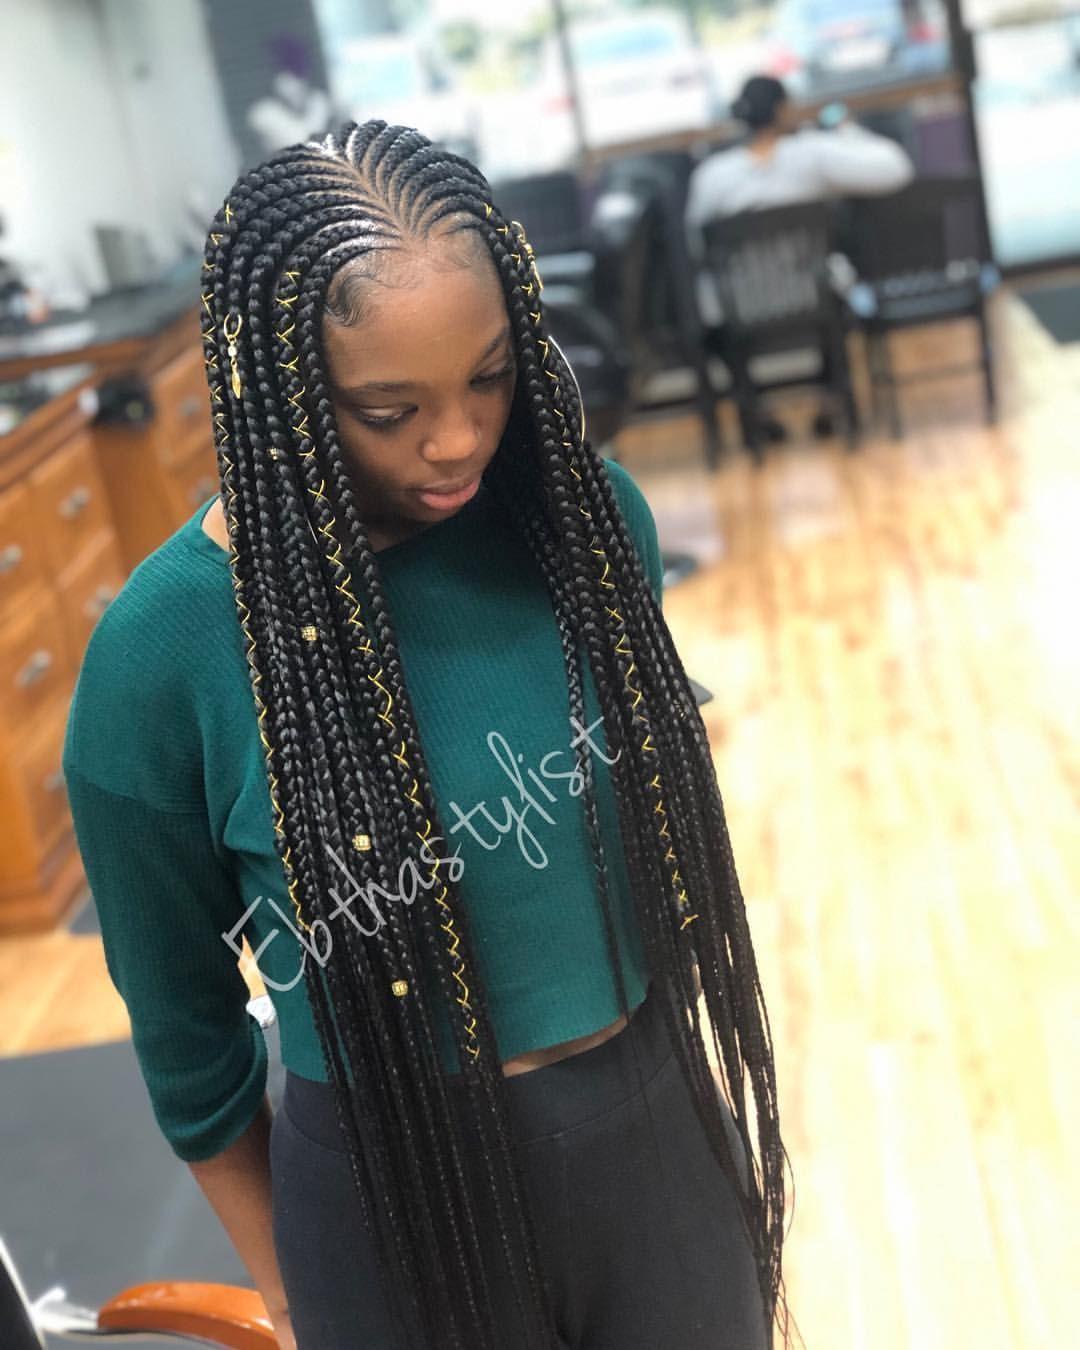 BEST Braided Hairstyles 2021 hairstyleforblackwomen.net 1081